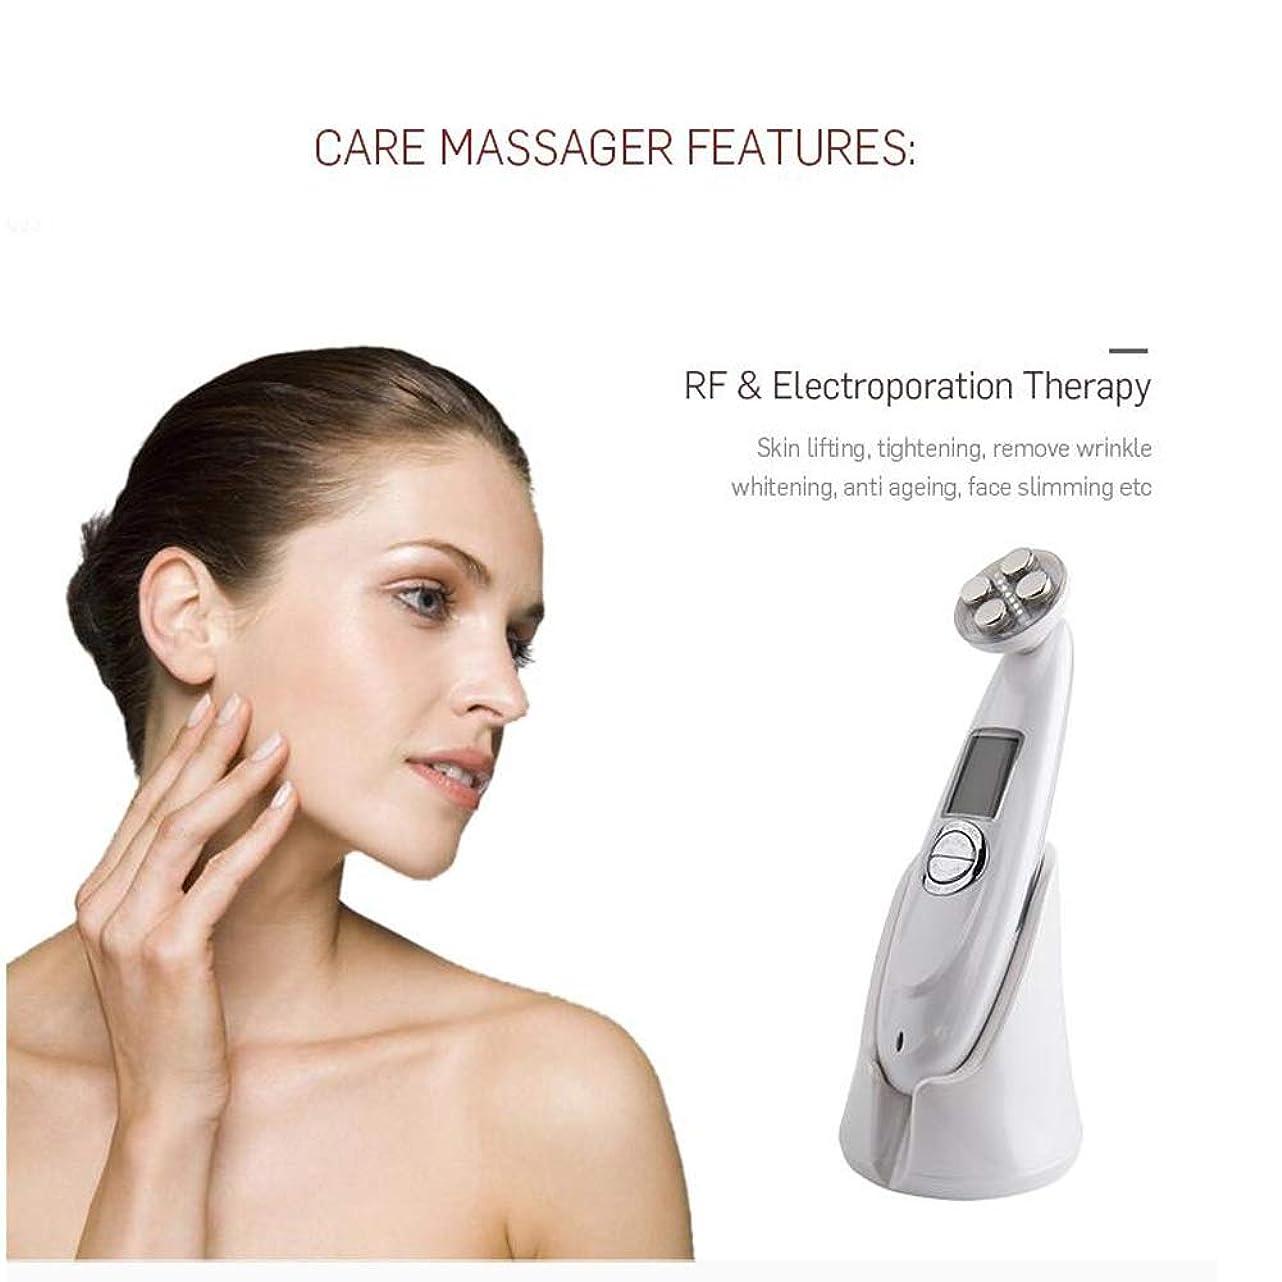 パーツ残高修正する光子療法機械多機能LCDのモニター、女性のための明るくし、引き締まる皮のための顔のマッサージャーの美装置,White